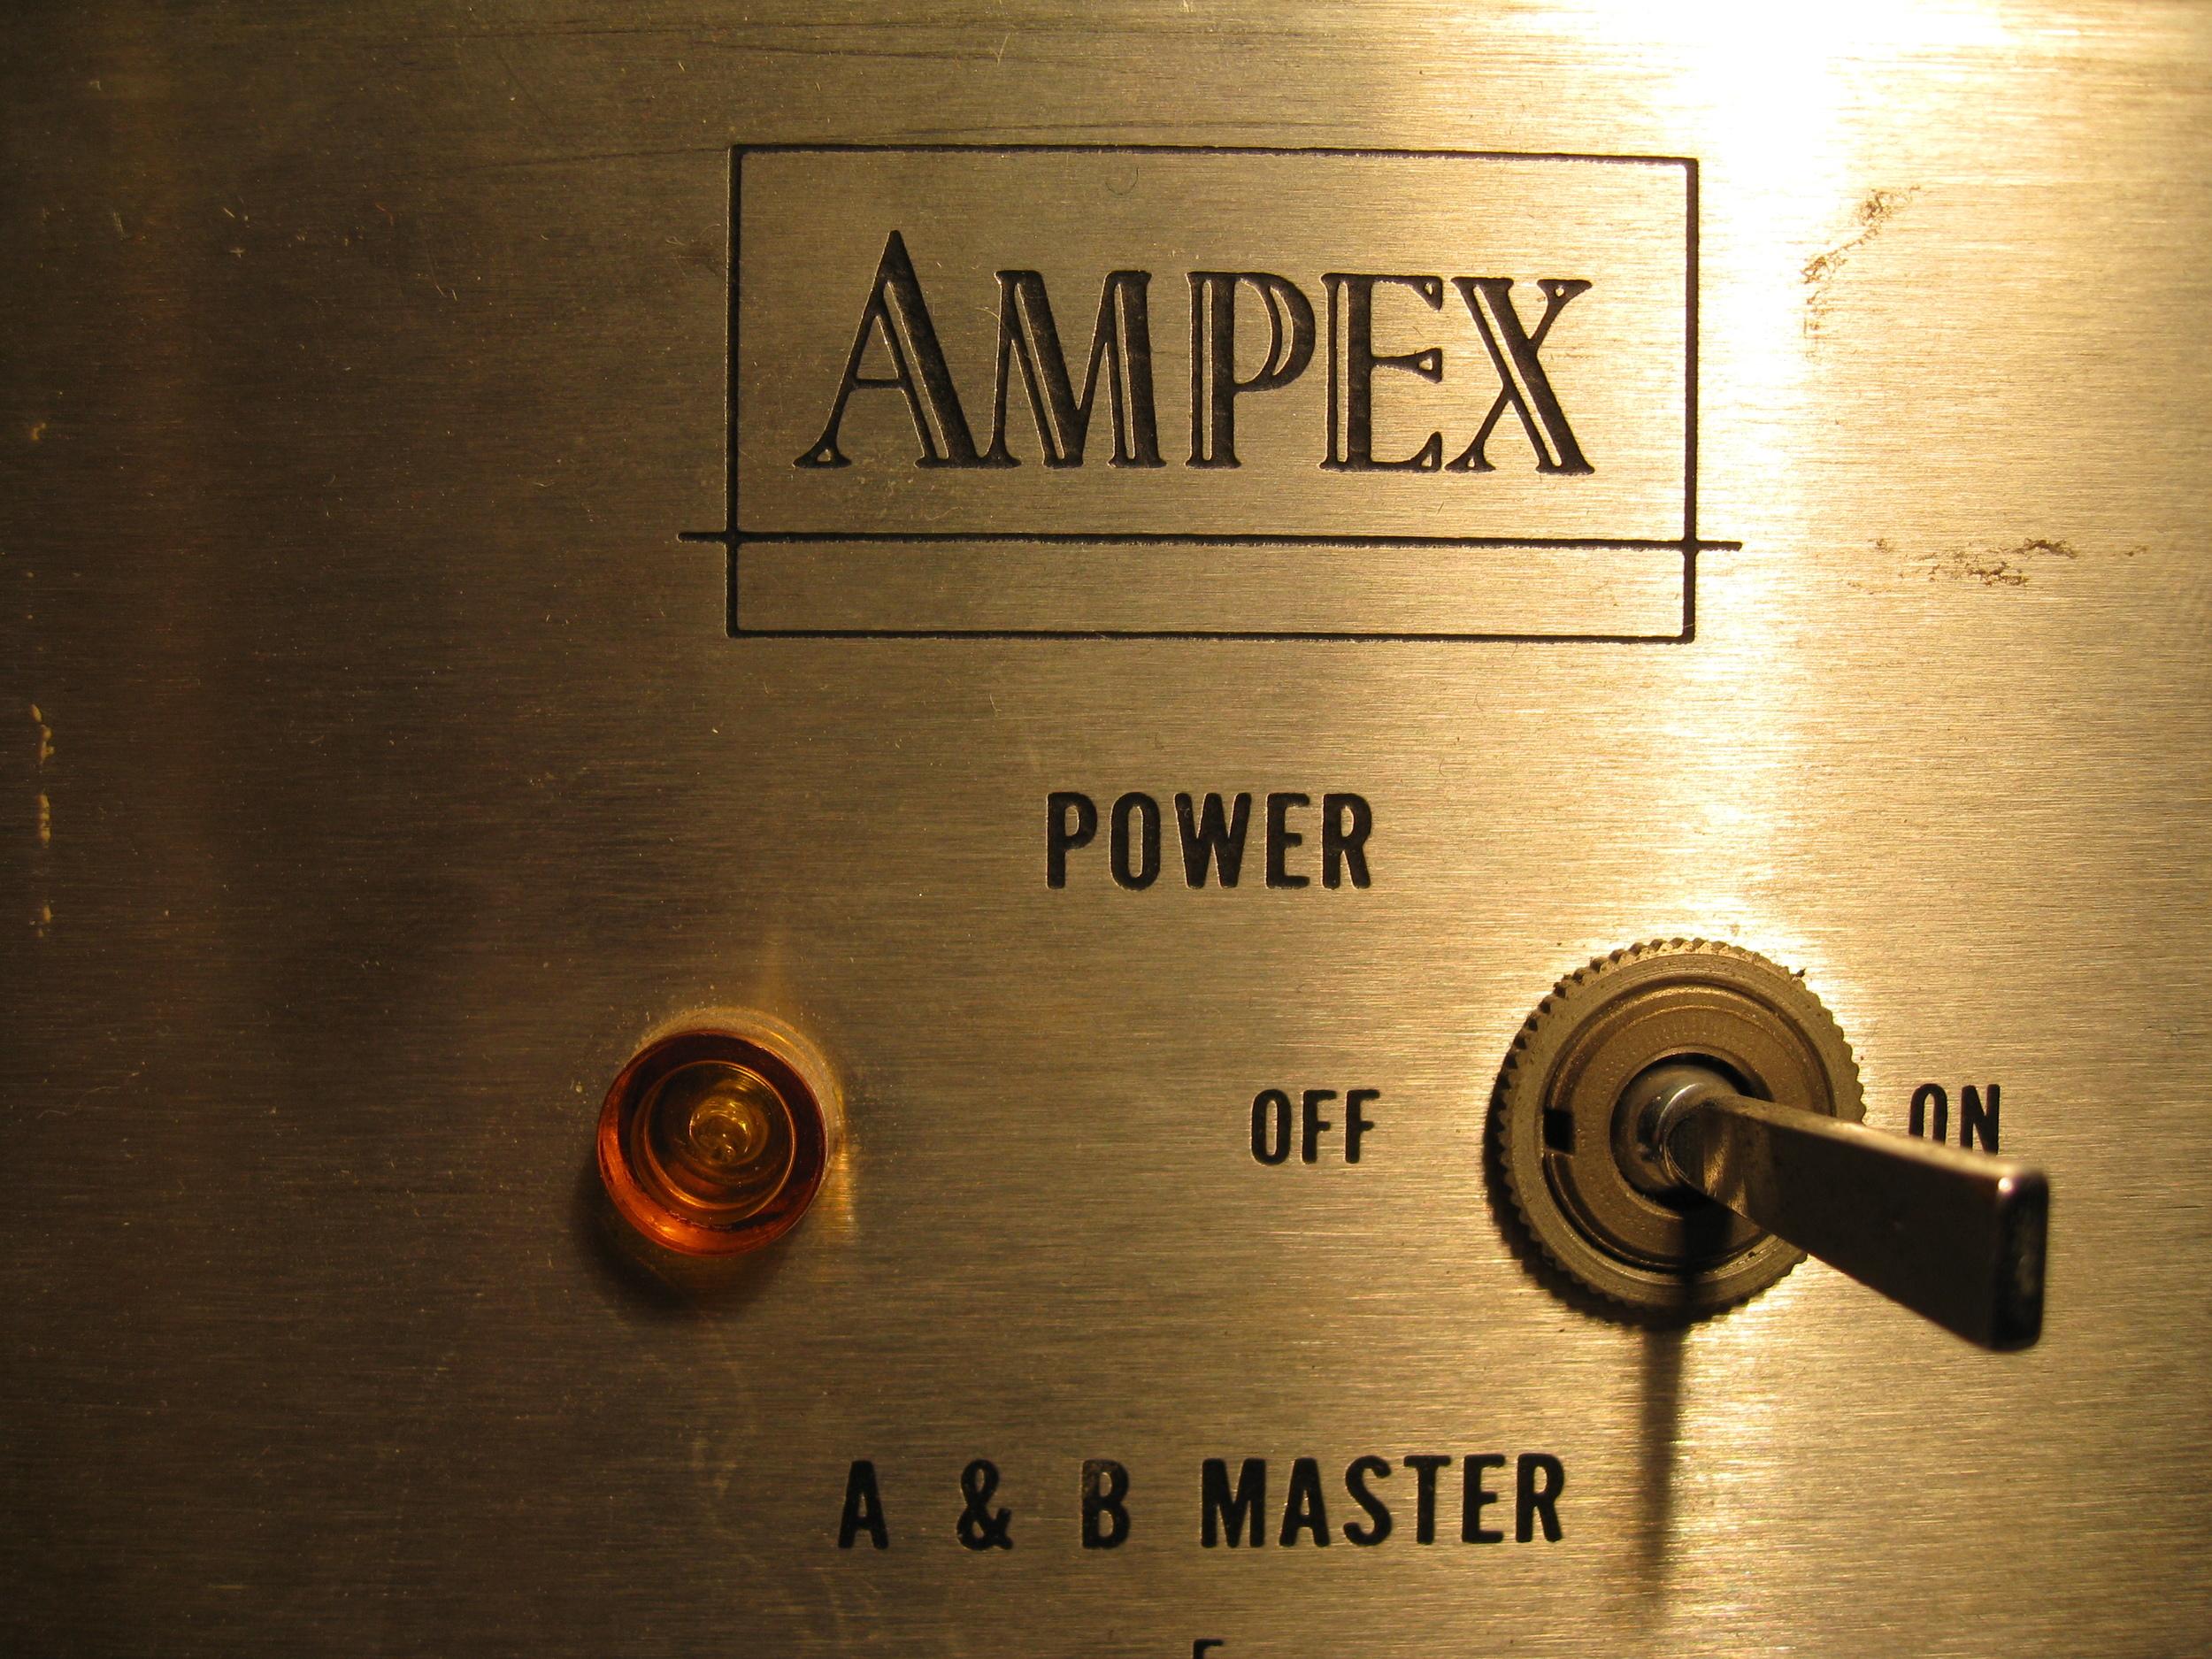 Ampex Power copy.JPG